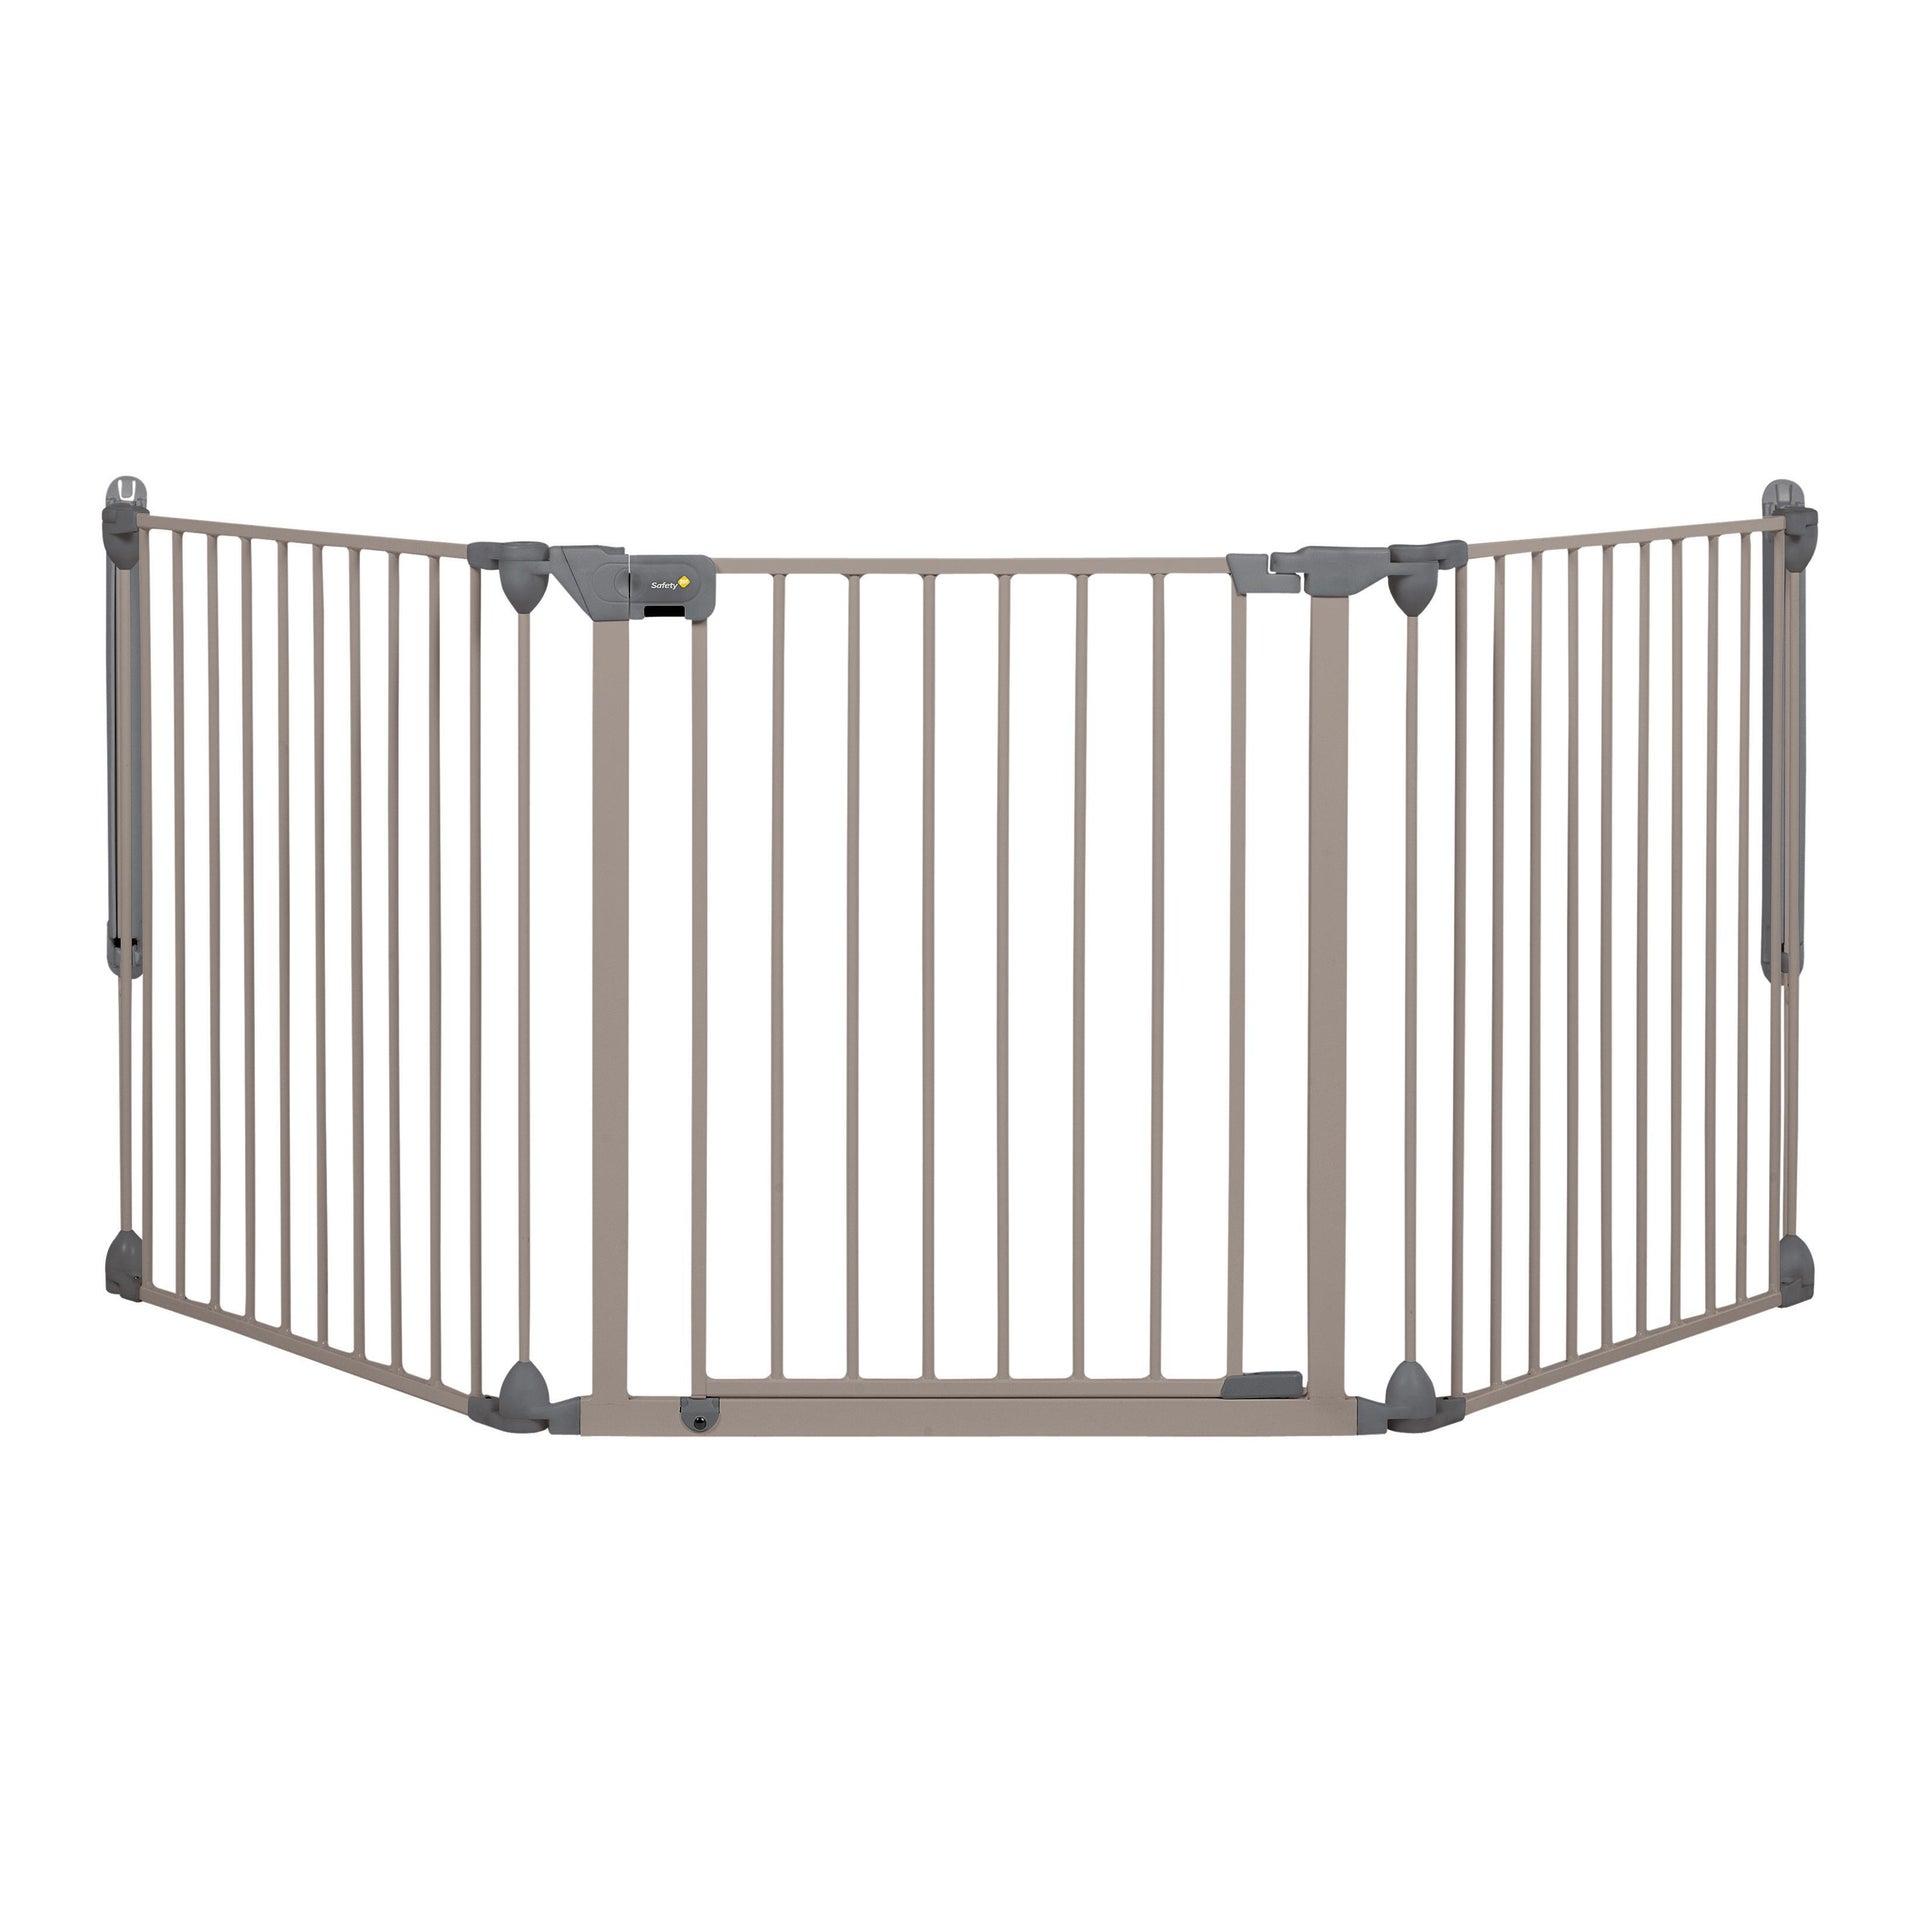 Cancelletto di sicurezza per bambini Modular L 80 cm - 3